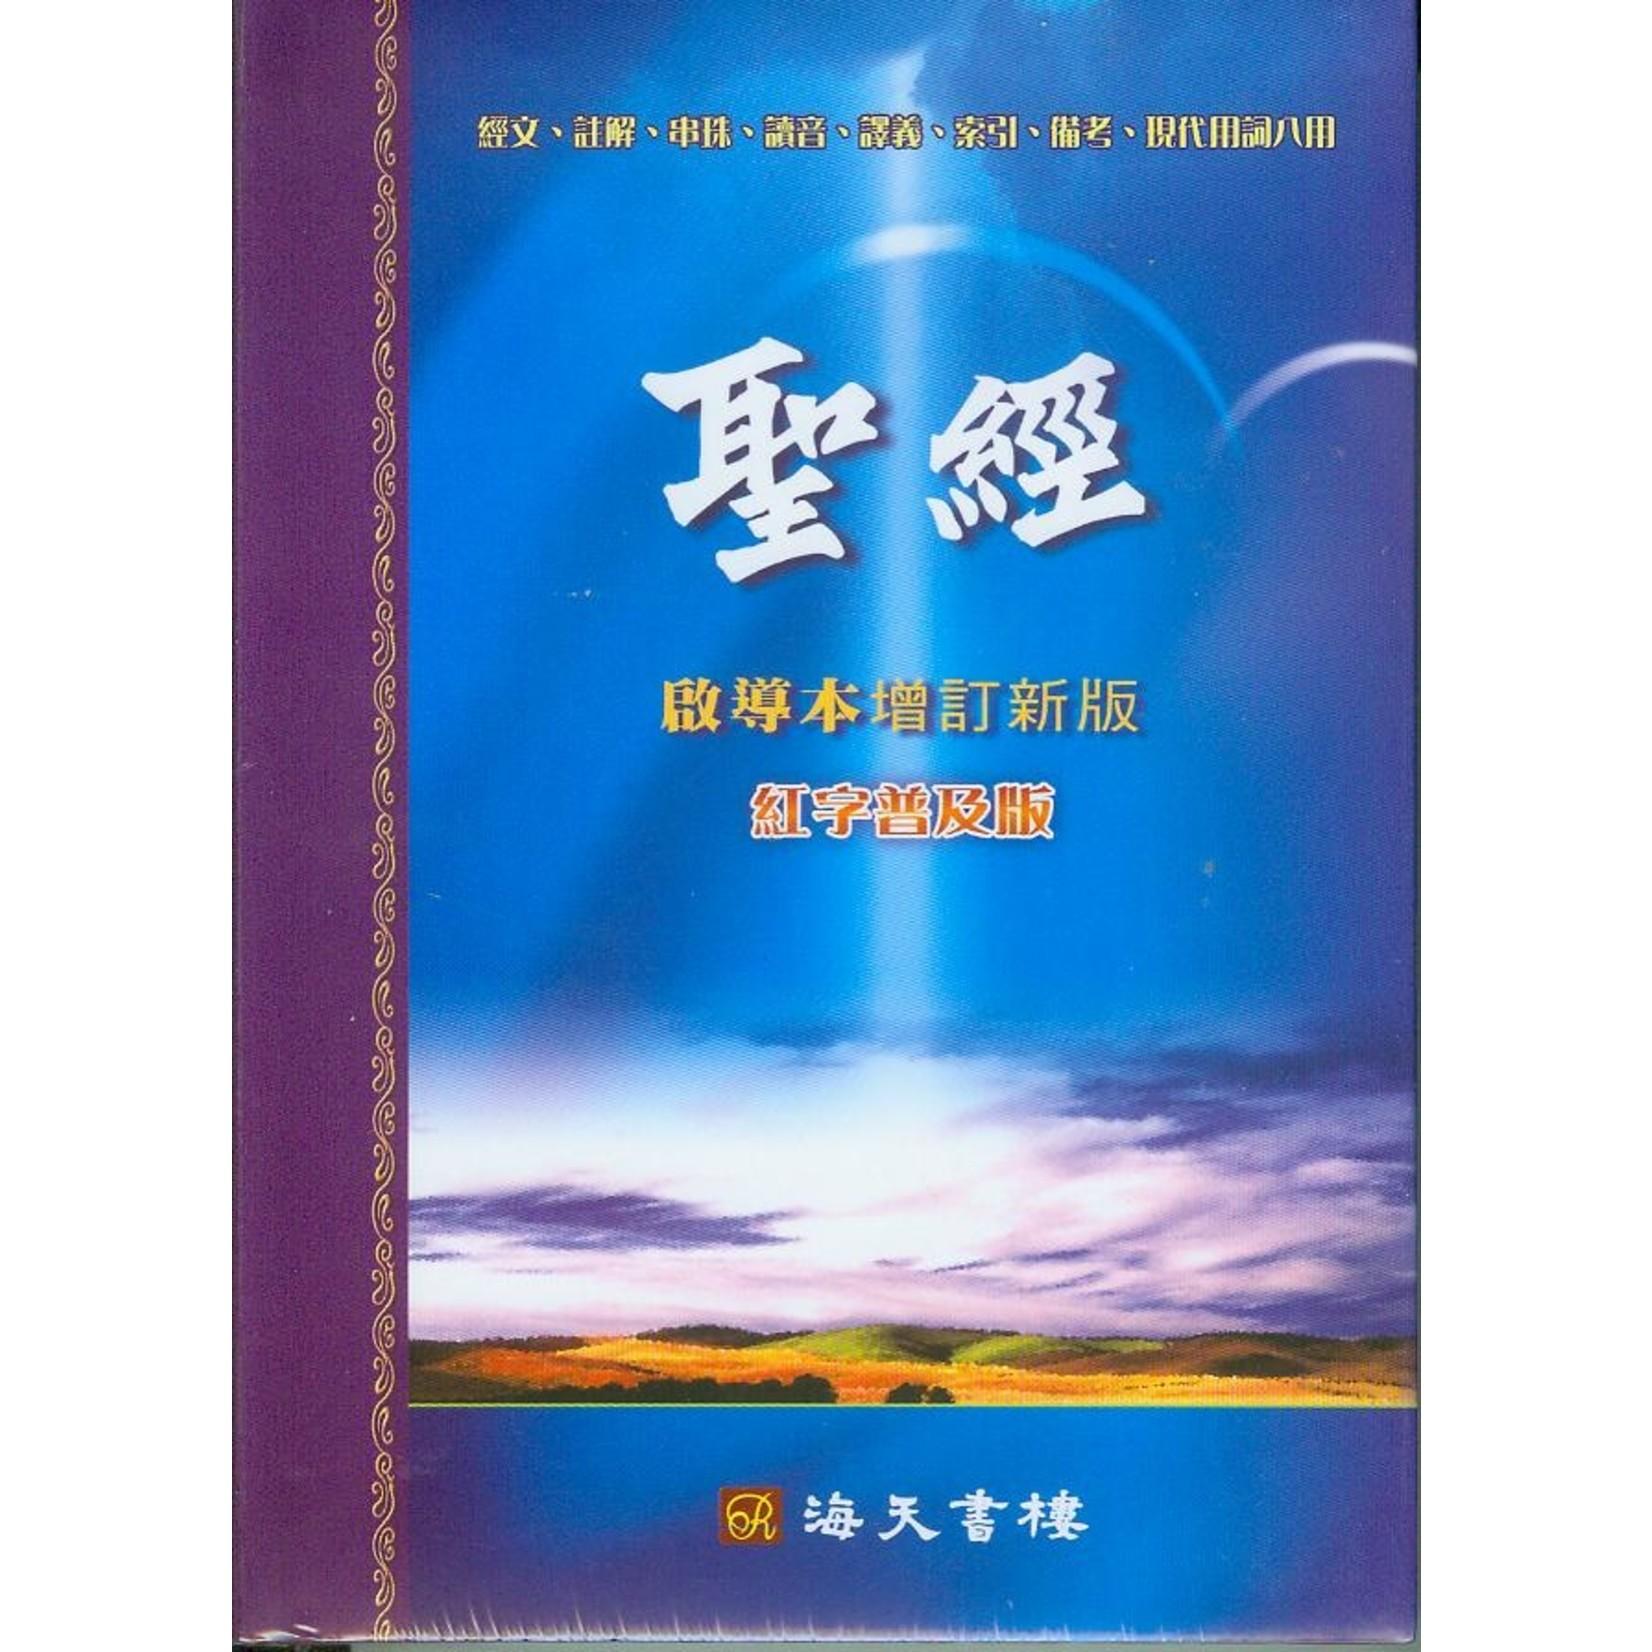 海天書樓 The Rock House Publishers 聖經.啟導本.增訂新版.紅字普及版(繁體)